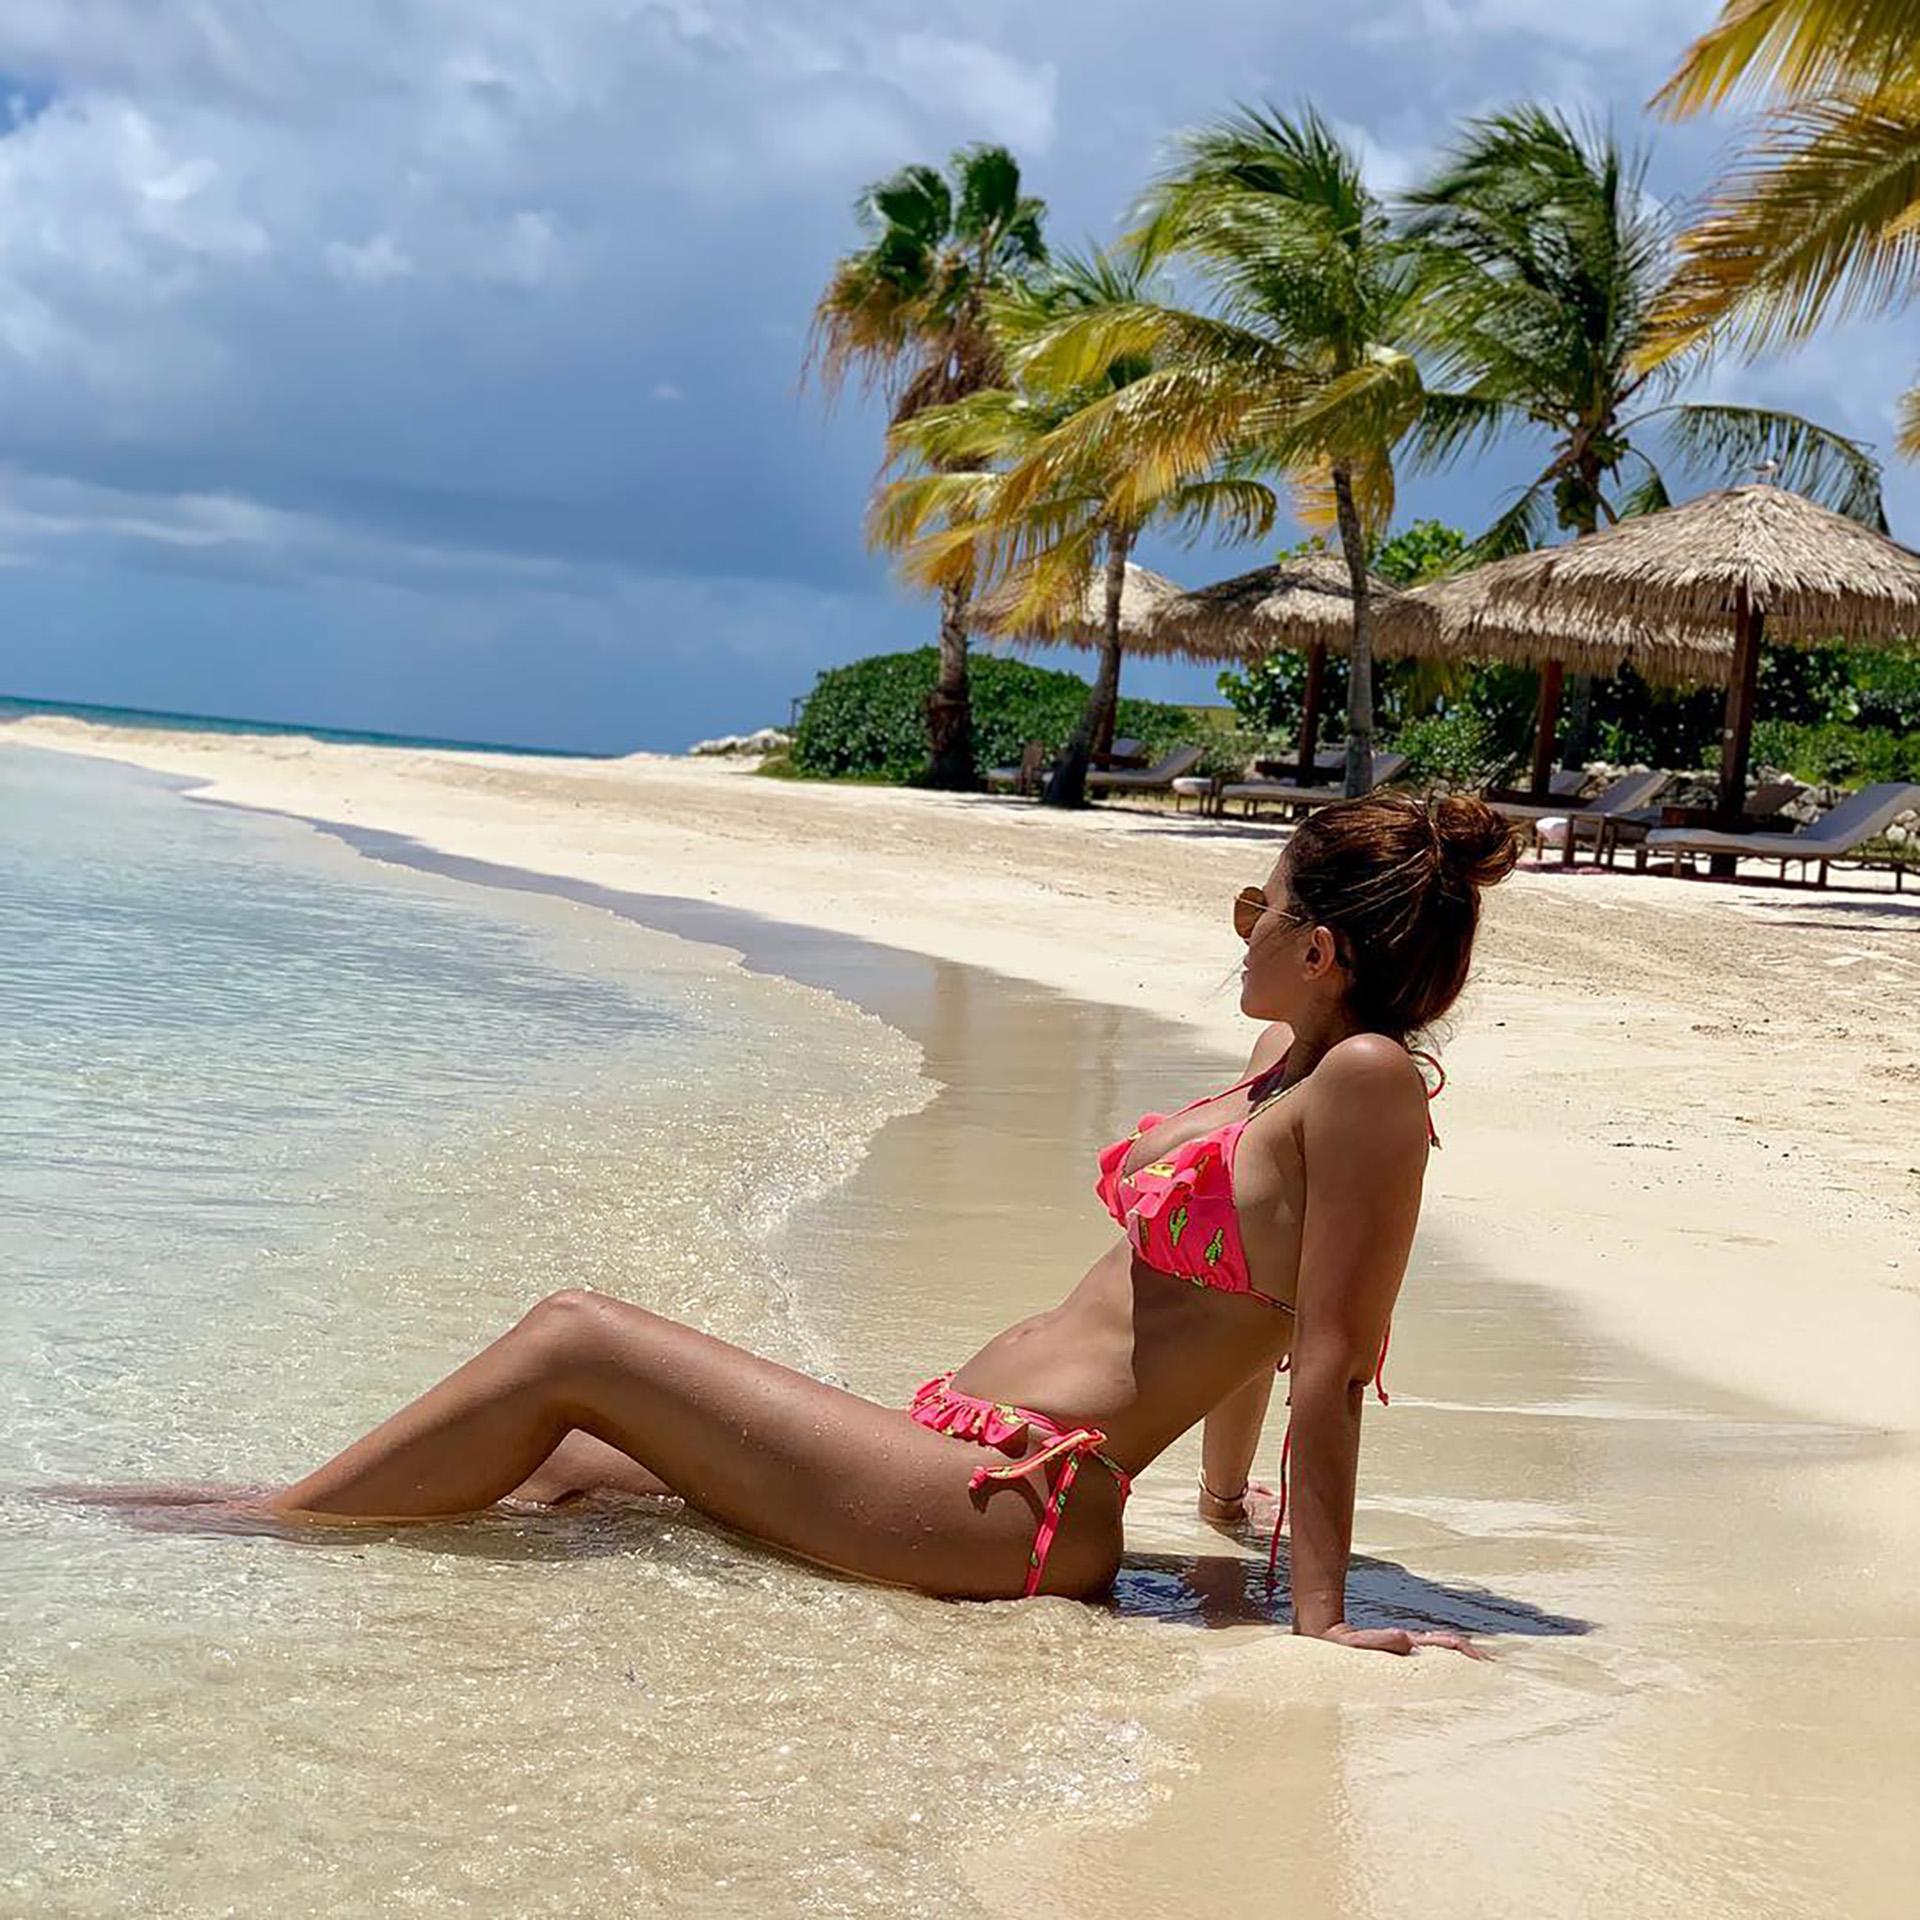 Antonella Roccuzzo y Leo Messi viajaron junto a sus tres hijos al Caribe. La familia se encuentra en Antigua y Barbuda disfrutando de unas vacaciones (Foto: Instagram)